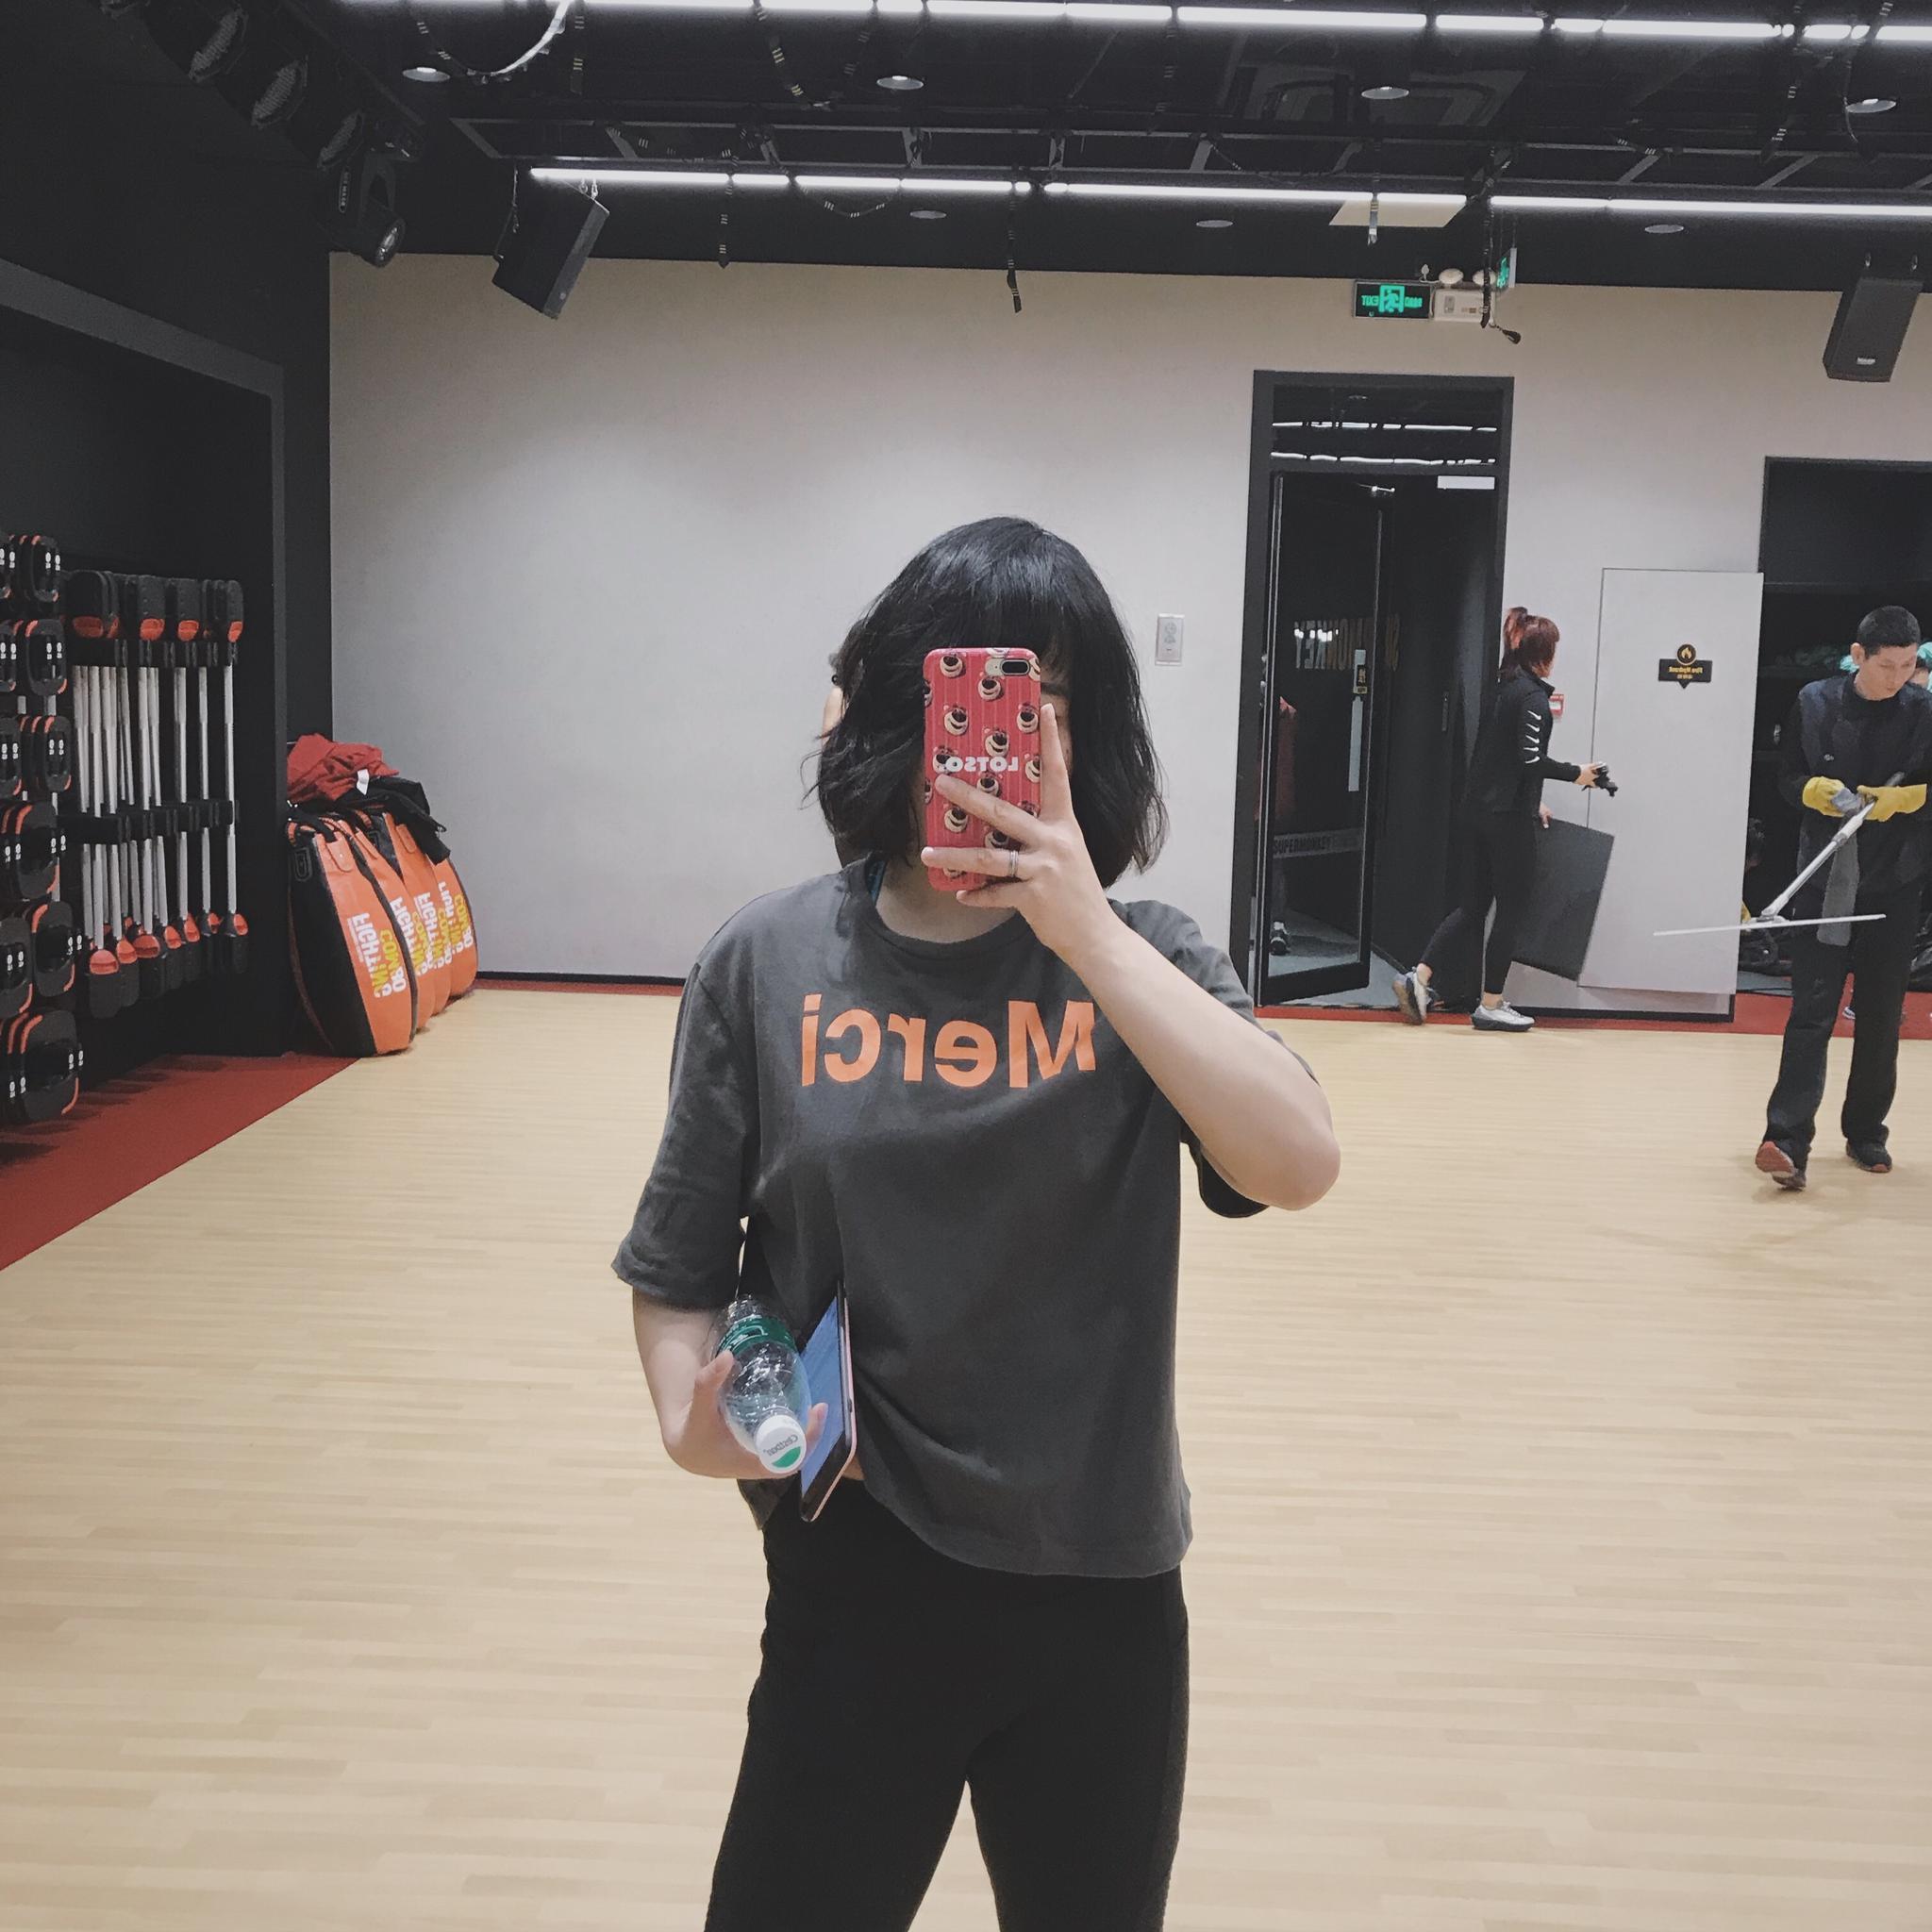 我之前健身喜欢集中在某一个时间段,特别密集两三个月